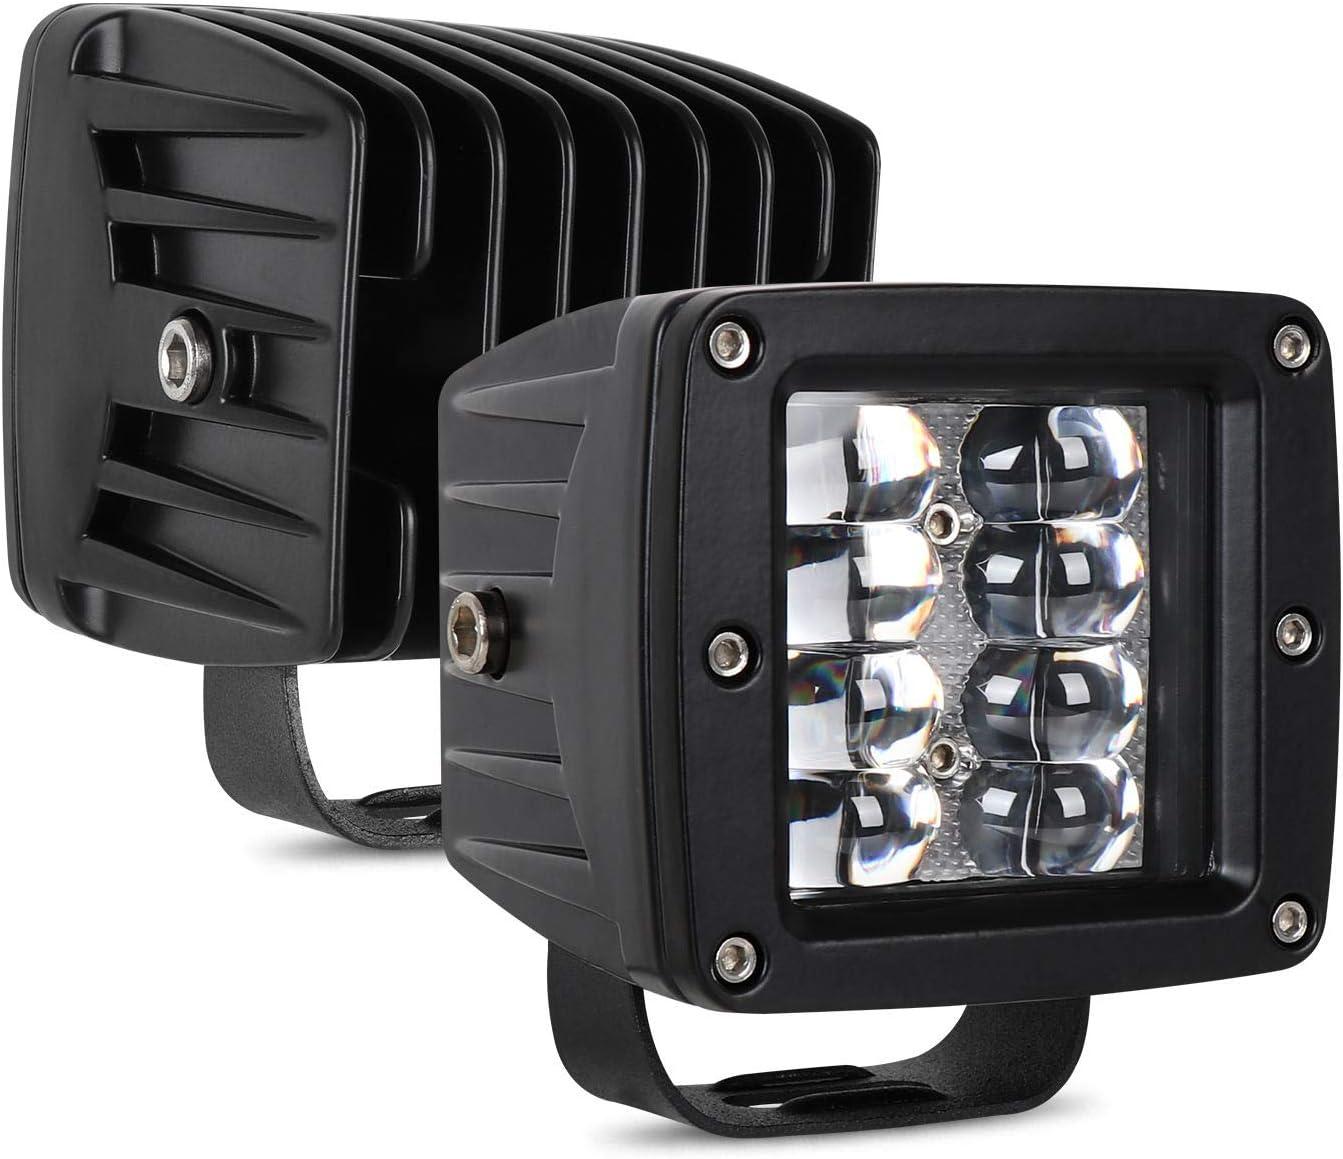 YEEGO 4 Offroad Lampe Quad Row Projecteur Phare LED 2PCS Barres de Travail LED pour Voiture Hors Route VTT VUS Phares de Travail Led UTV 2 x 40W Camionnette